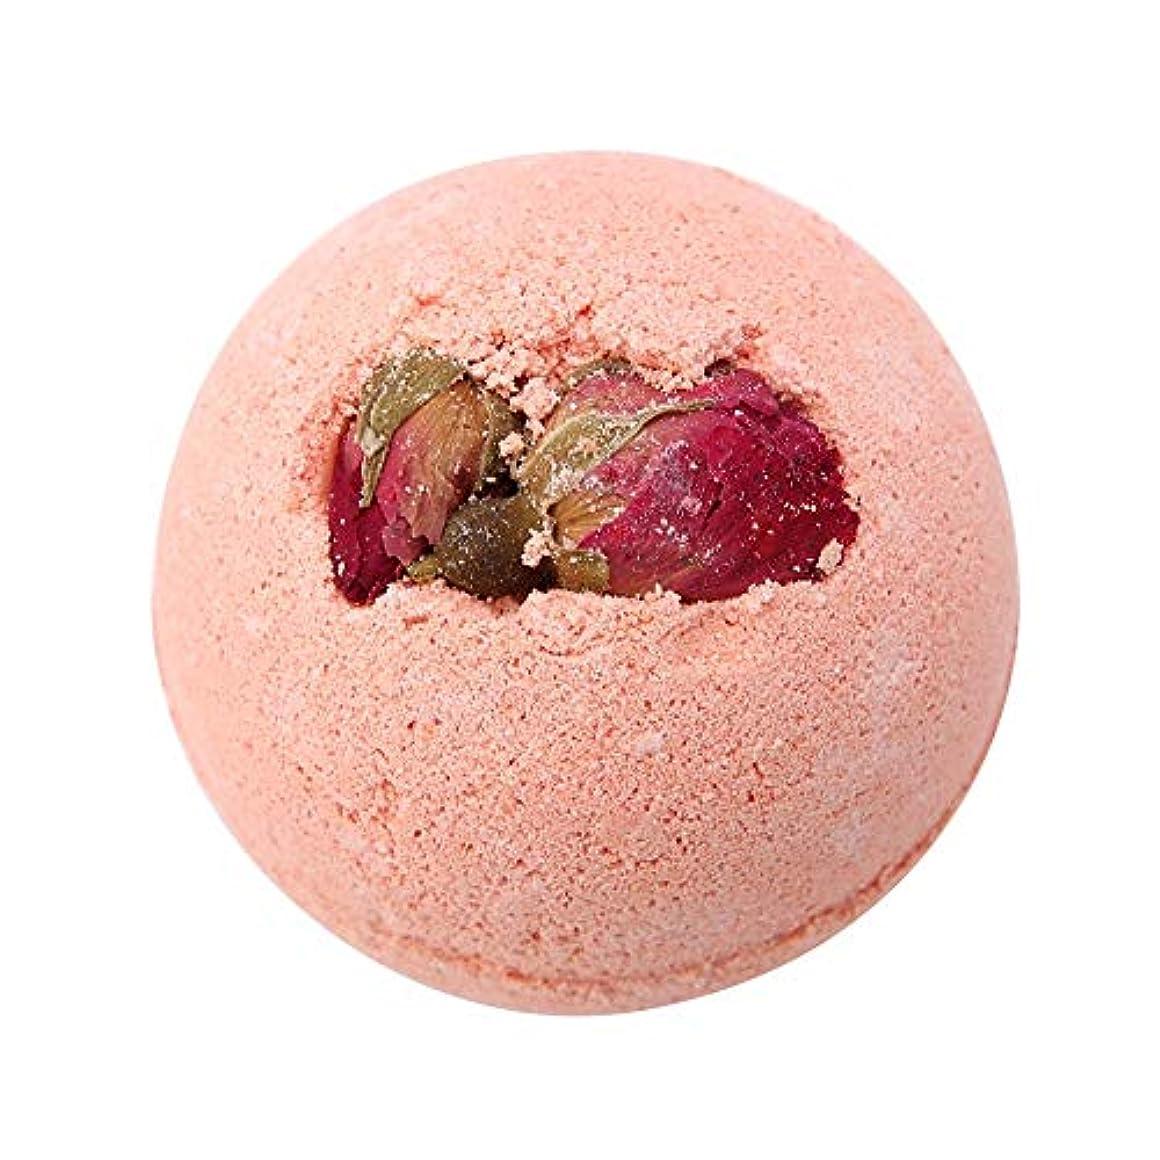 簡単なハッピーメイド入浴剤 100%天然エッセンシャルオイル&ドライフラワー、アロマテラピーリラクゼーション乾燥肌、キューティクルの柔らかさ 泡風呂 ガールフレンドのアイデアギフト 女性 母親(Pink Rose)